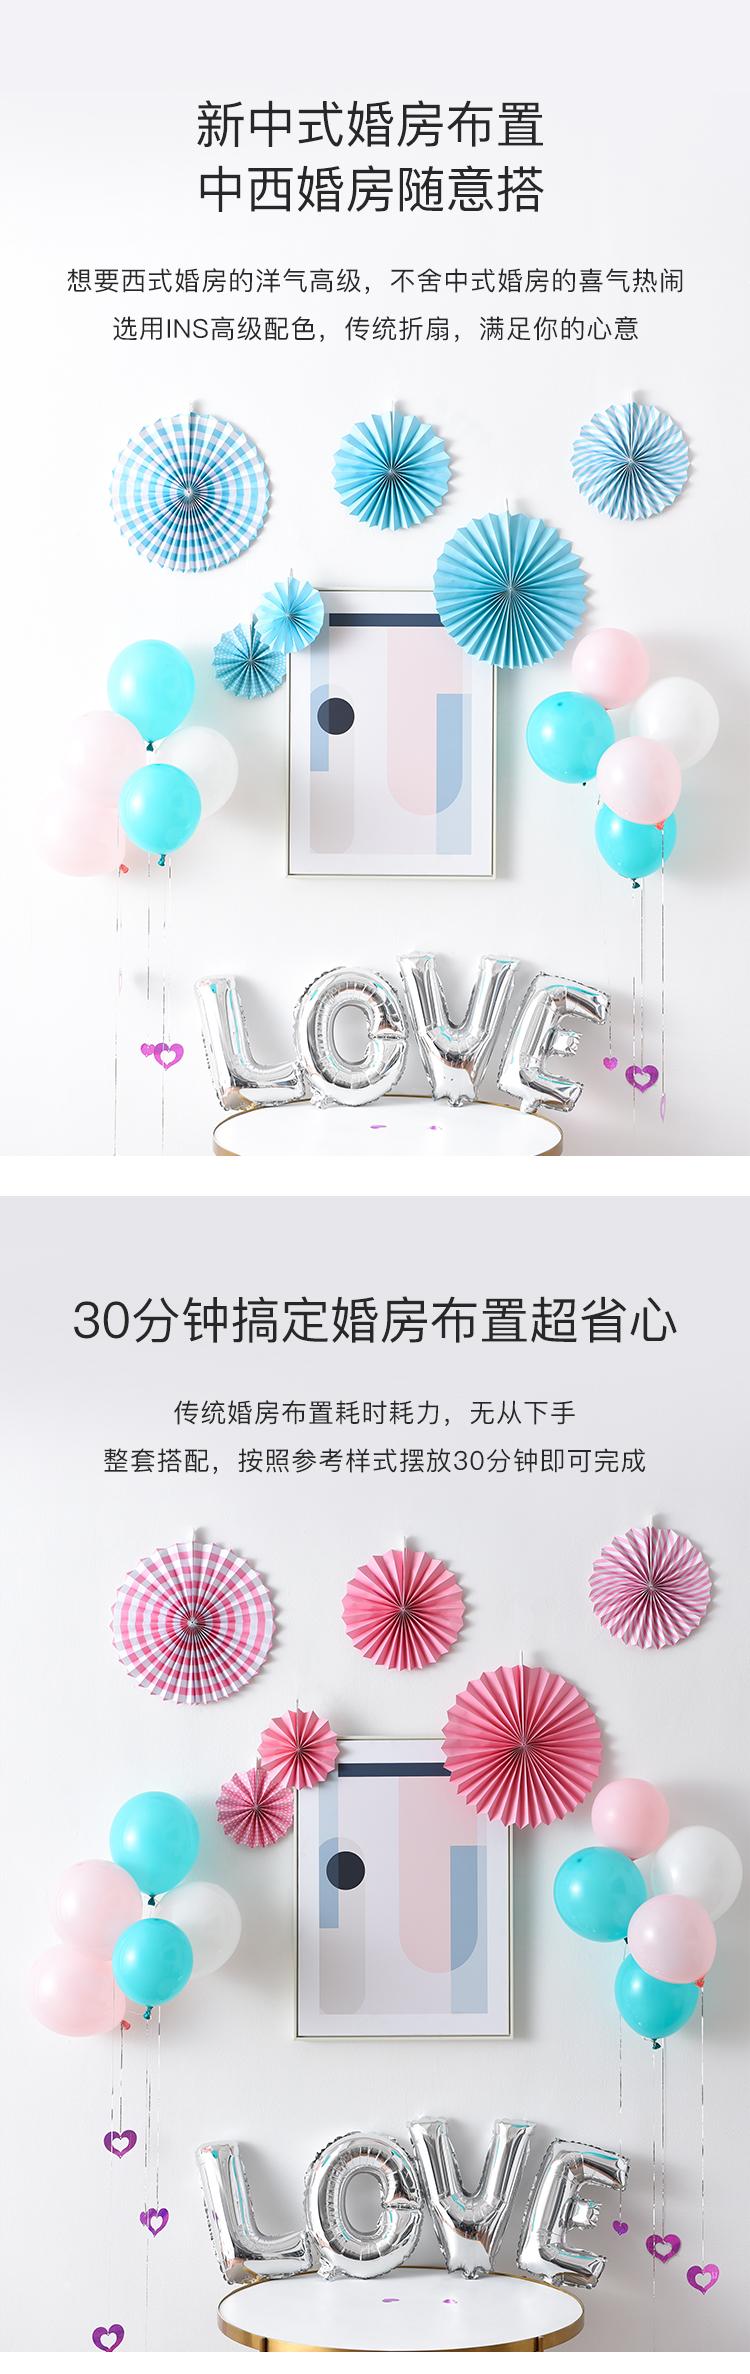 新中式百折扇婚房装饰套装